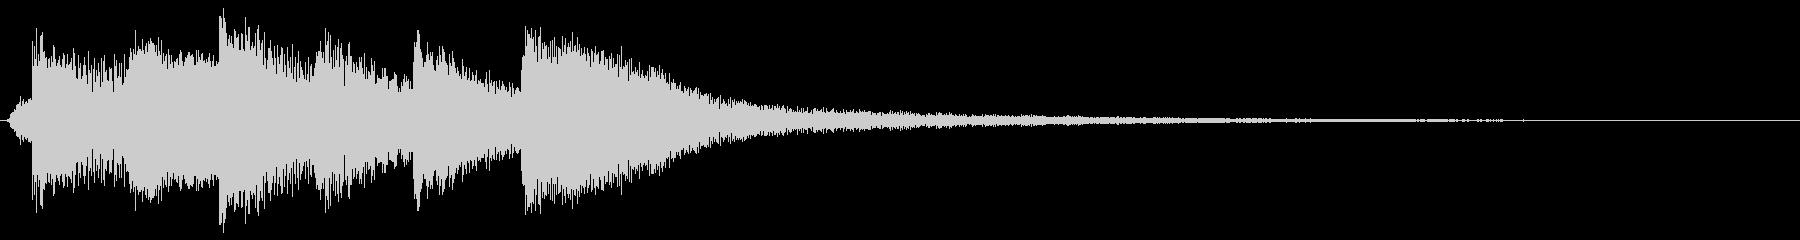 夜明けの音/場面転換/ピアノ【07】の未再生の波形